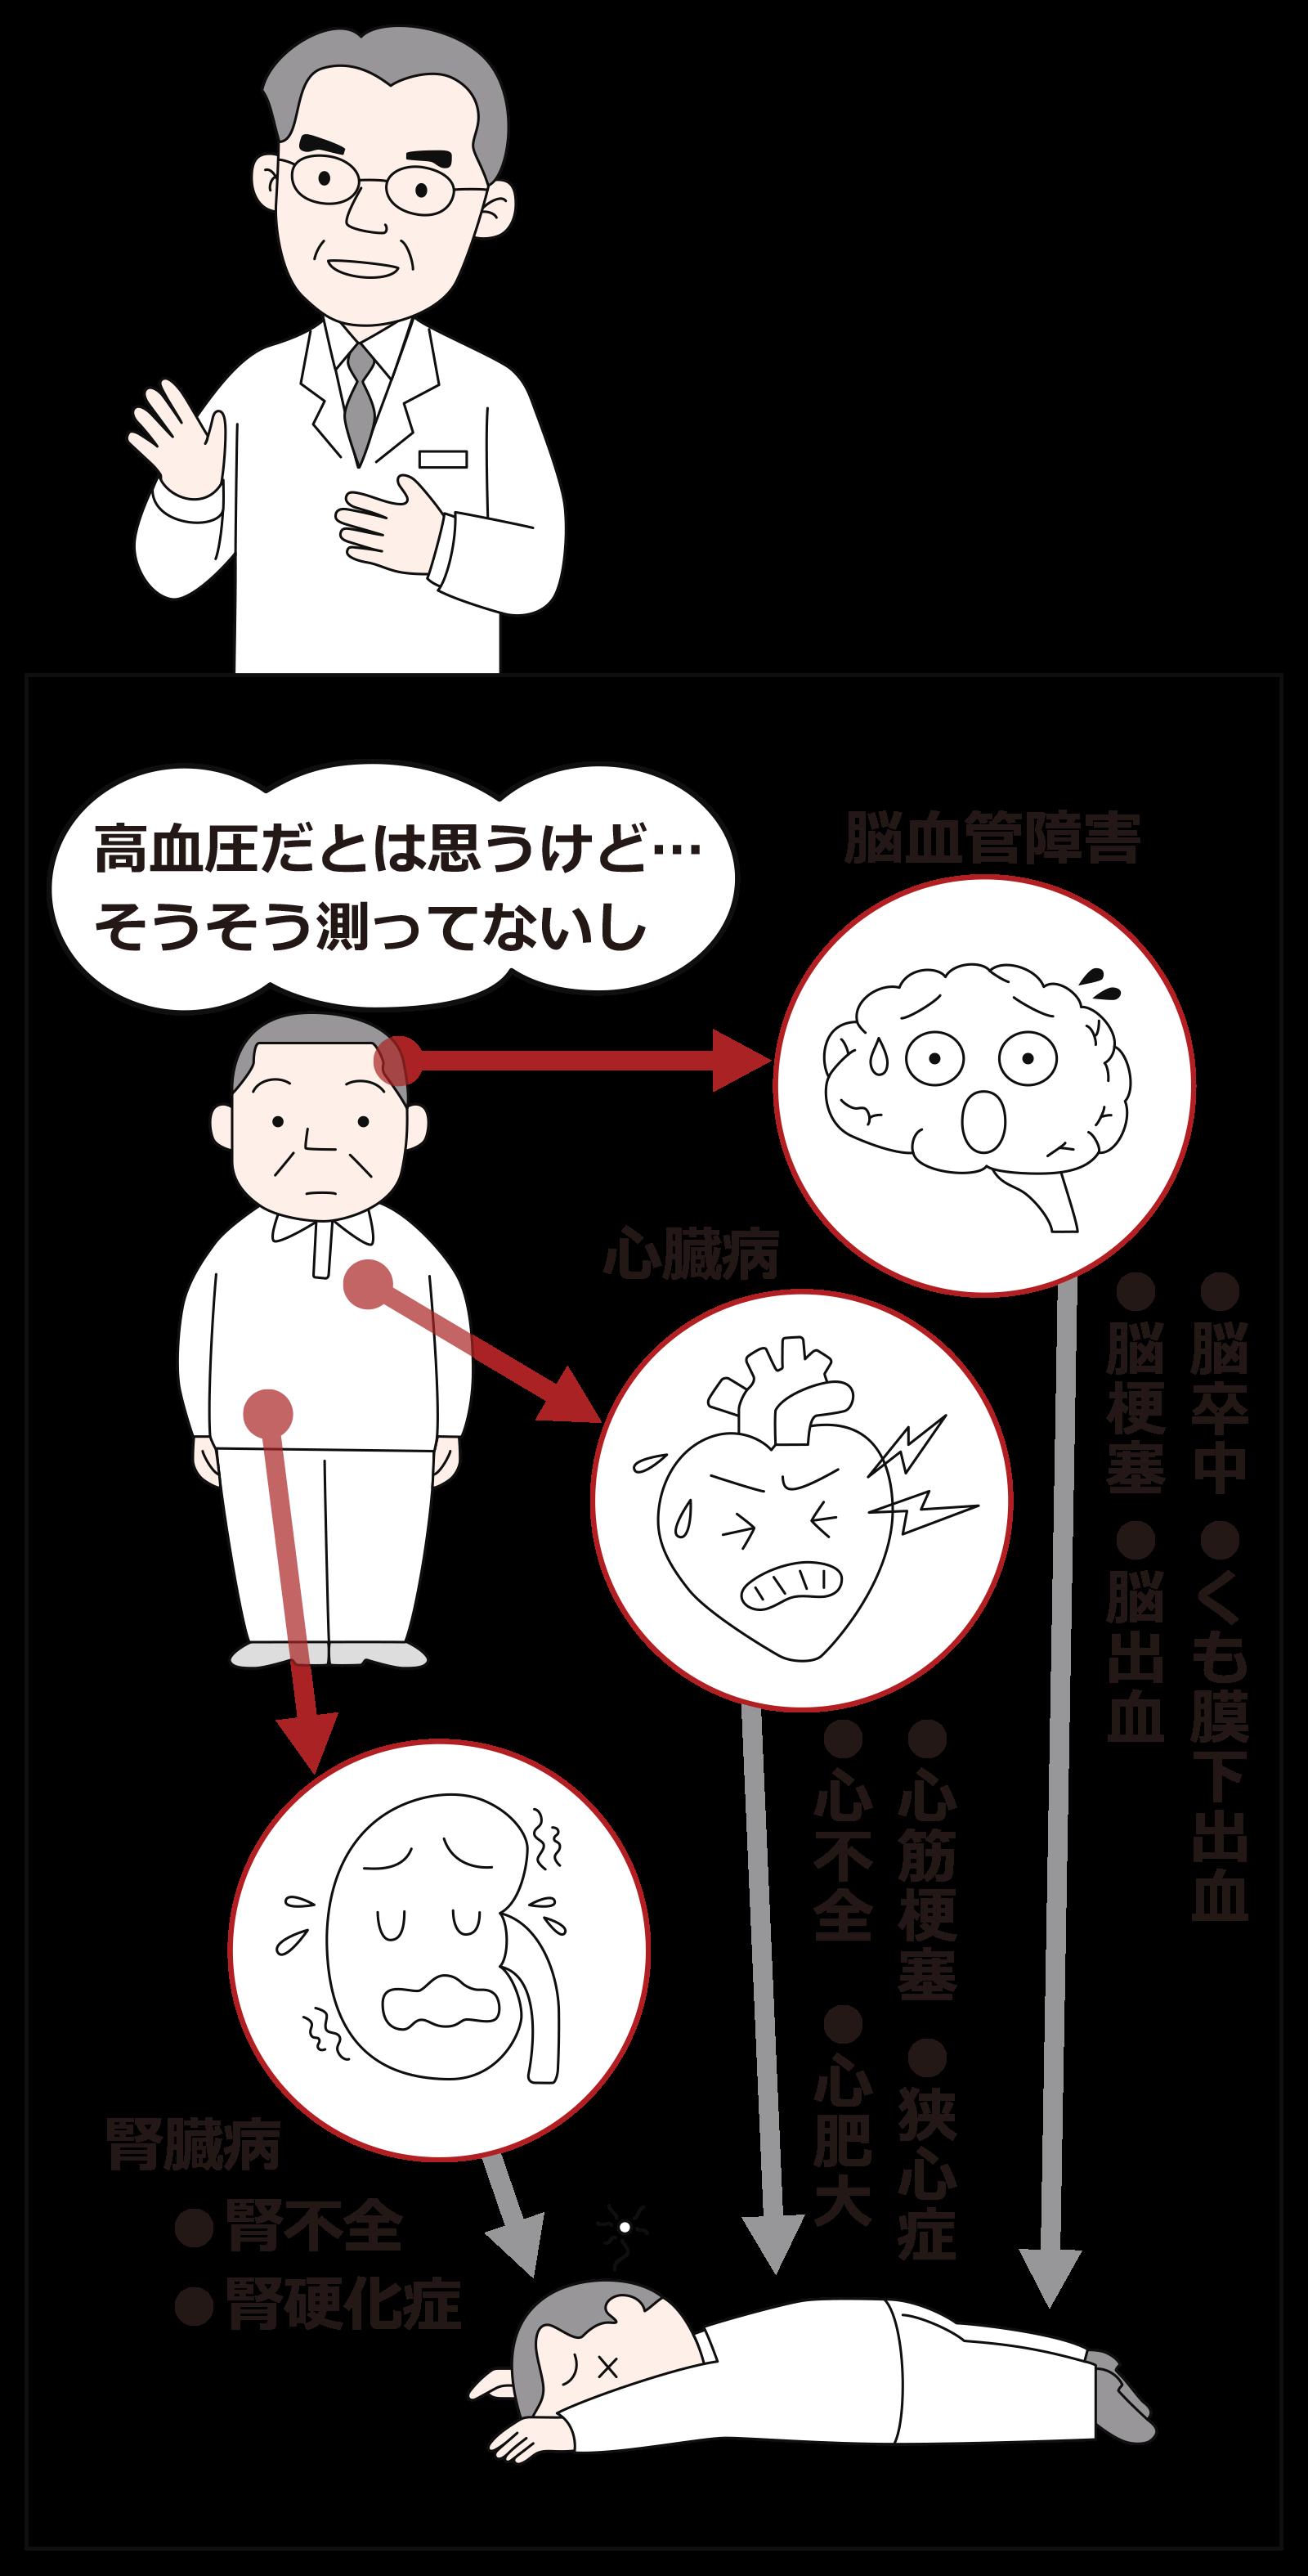 血圧 下 が 高い 理由